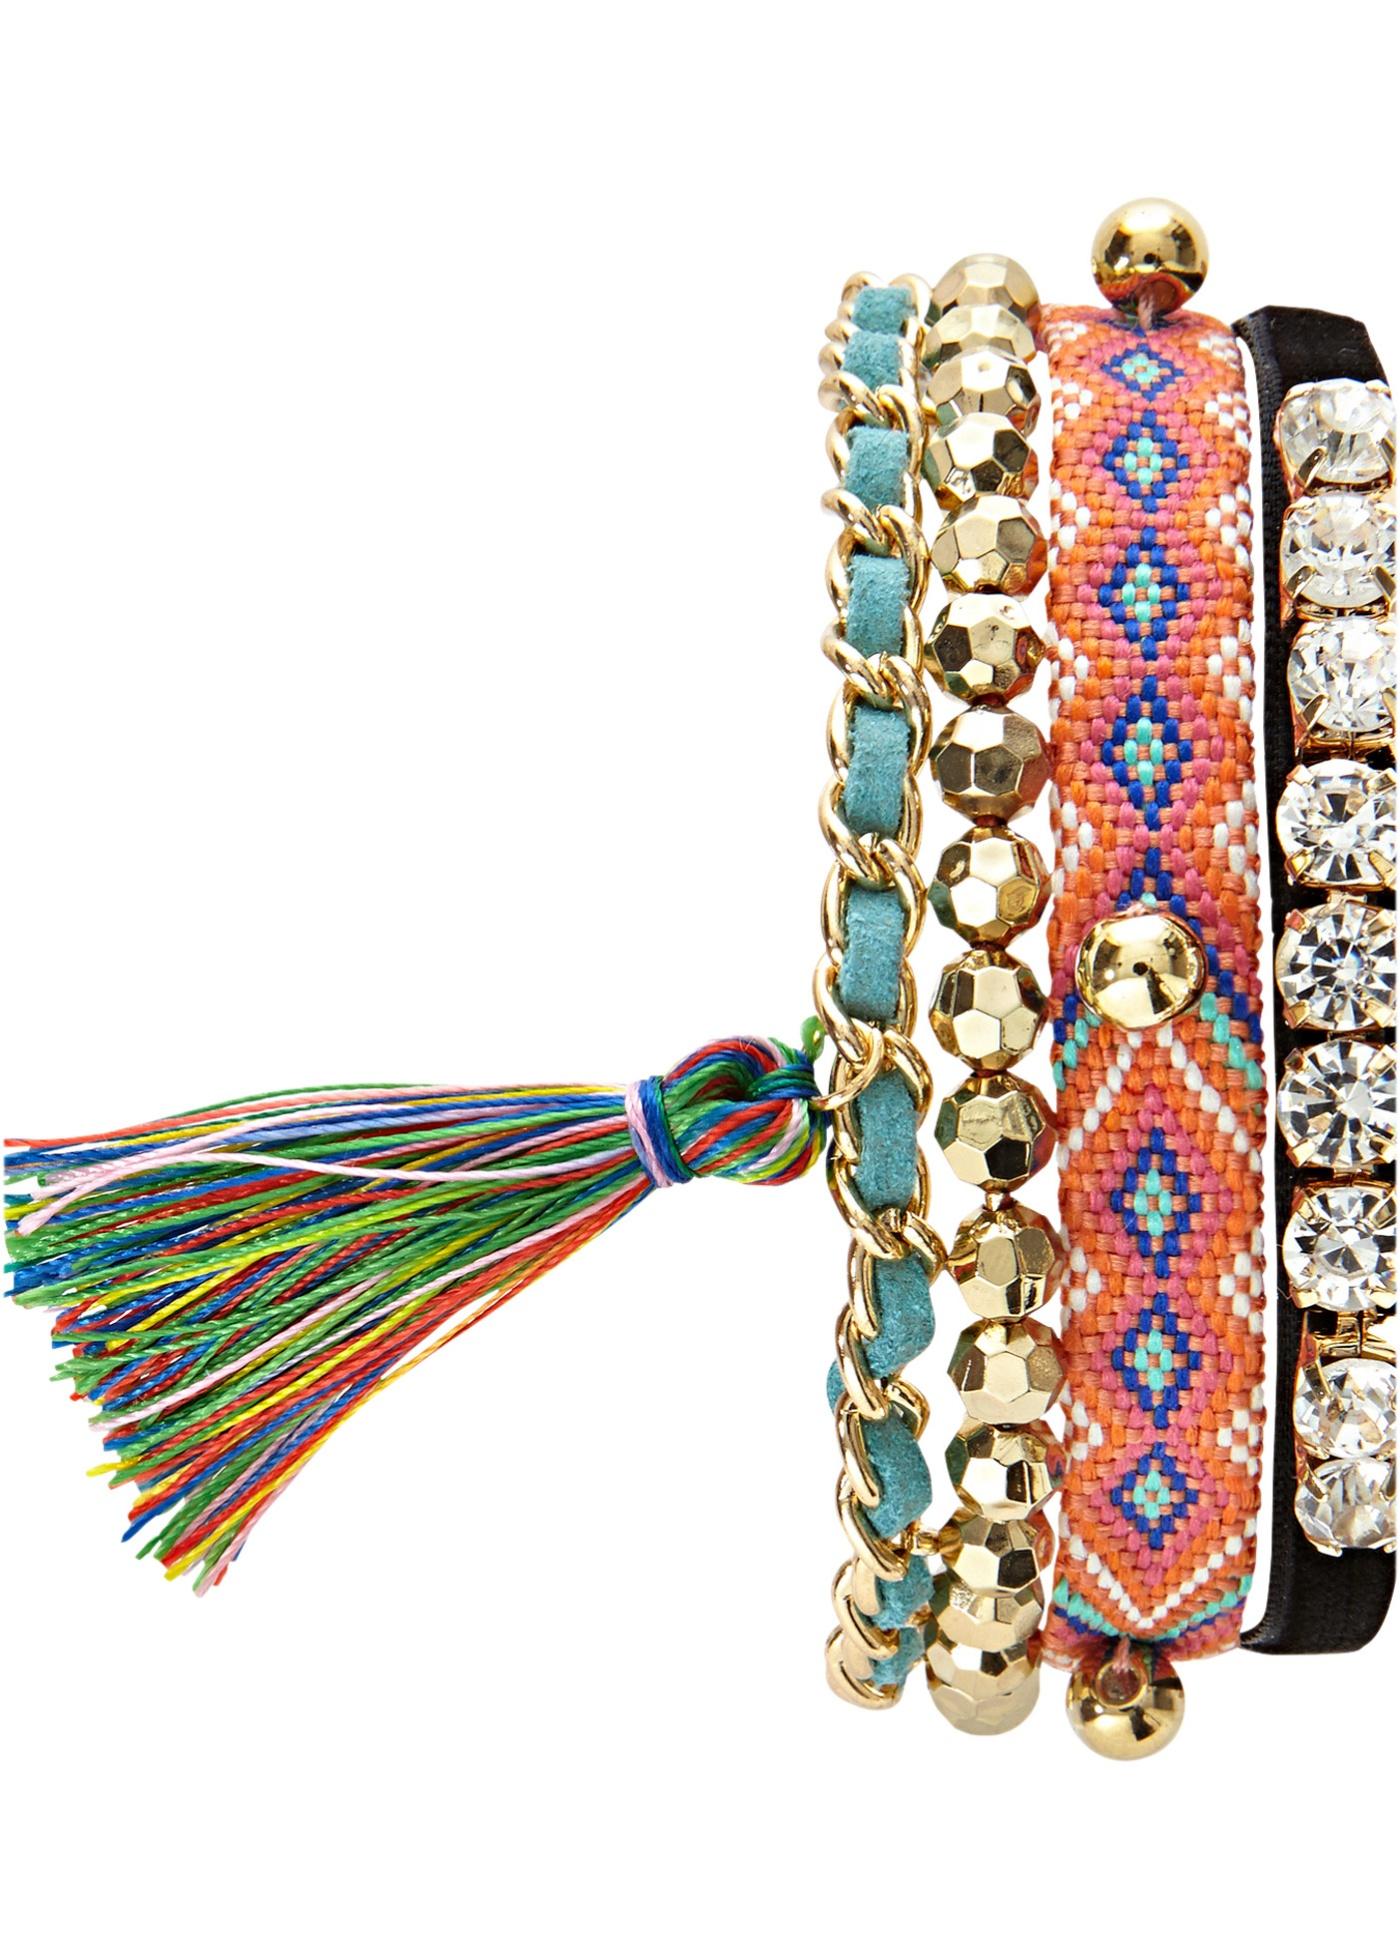 Bracelet élastique 3 rangs avec breloques multicolores. Dim. : longueur env. 16, cm - largeur : env. 3 cm.